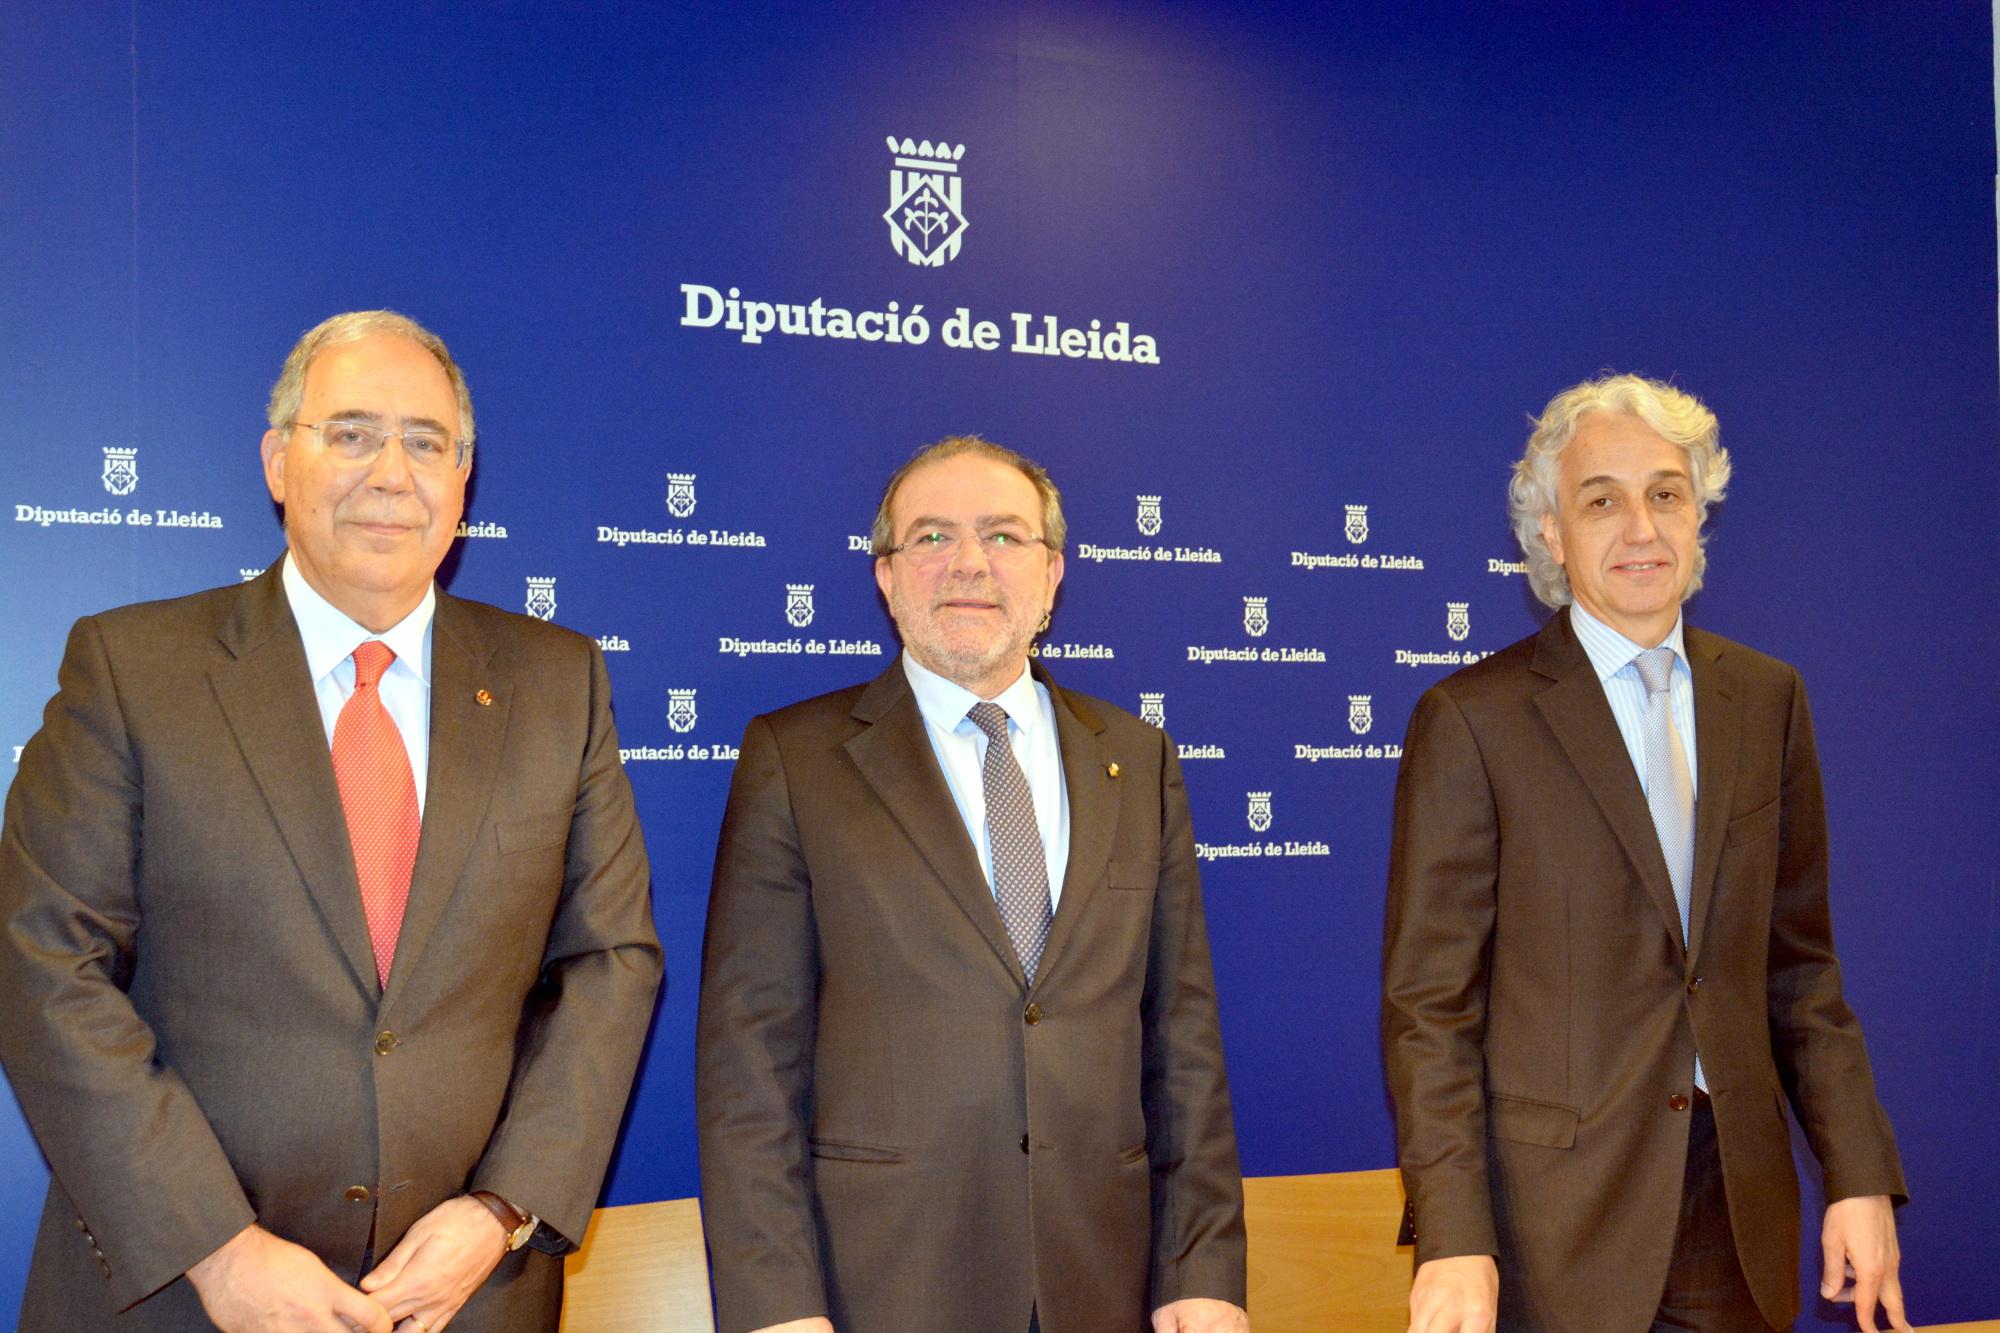 Acord entre la UdL i la Diputació de Lleida per al desplegament del doble grau de Veterinària i Ciència i Producció Animal